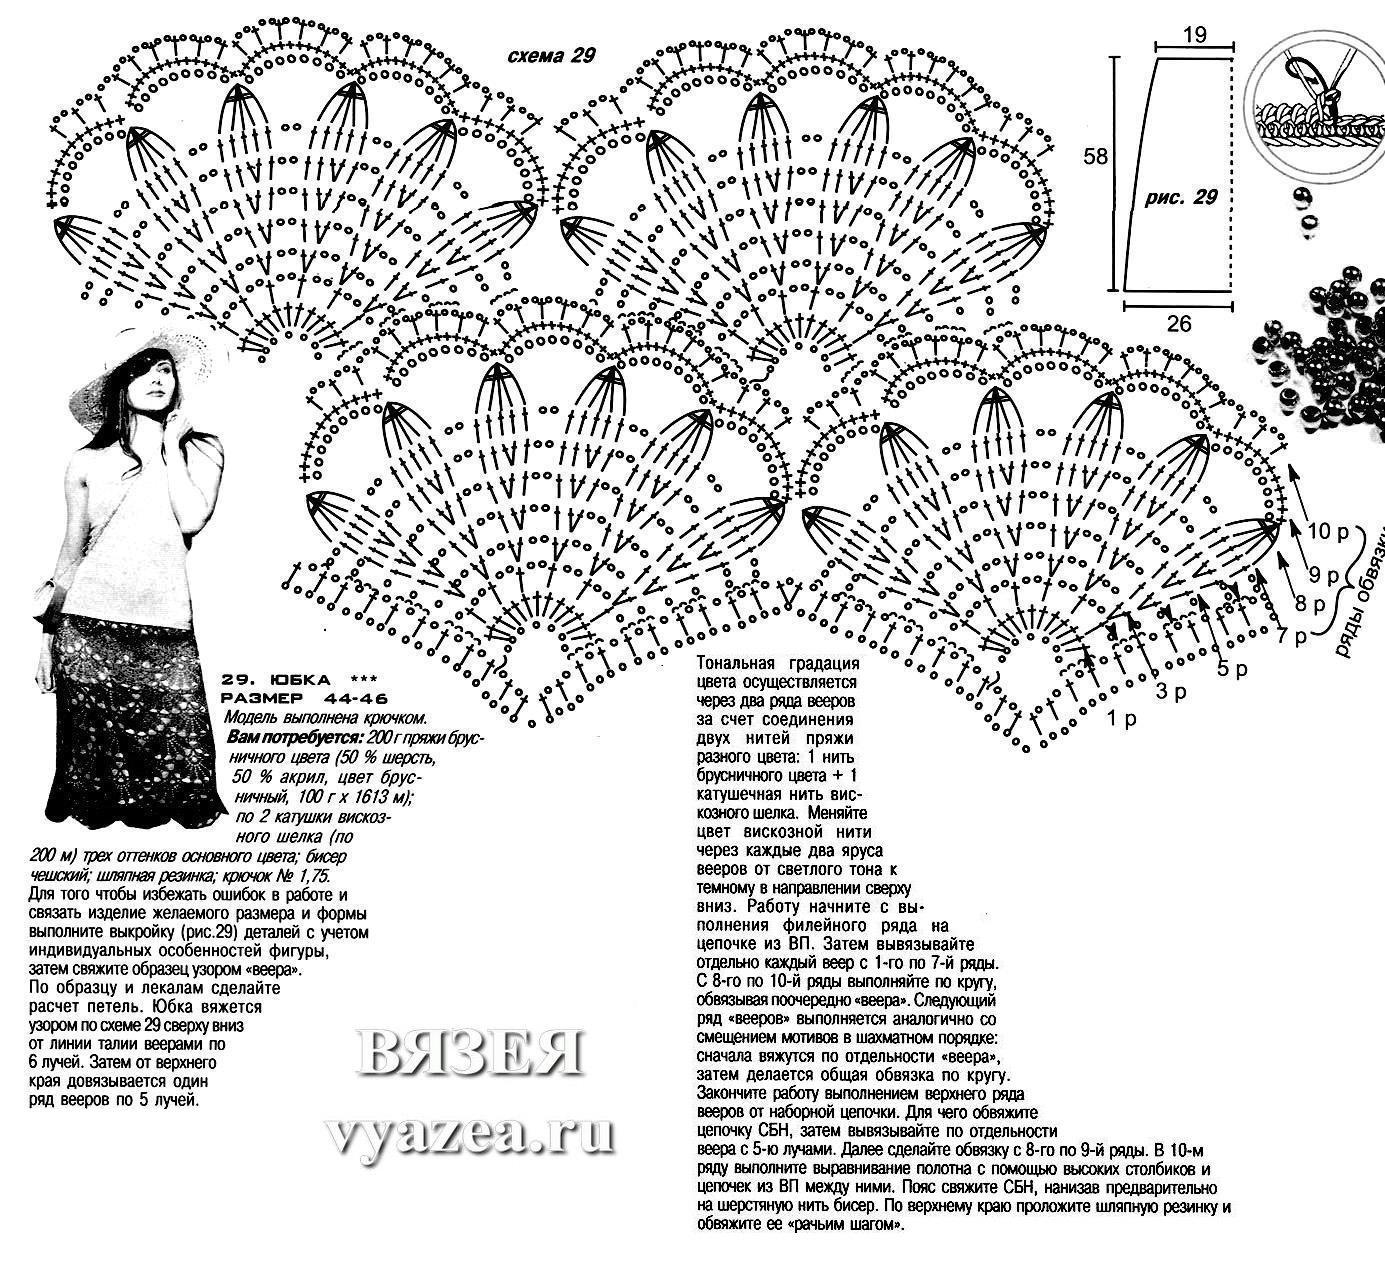 Юбка крючком со схемами вязания. Детские и женские вязаные юбки